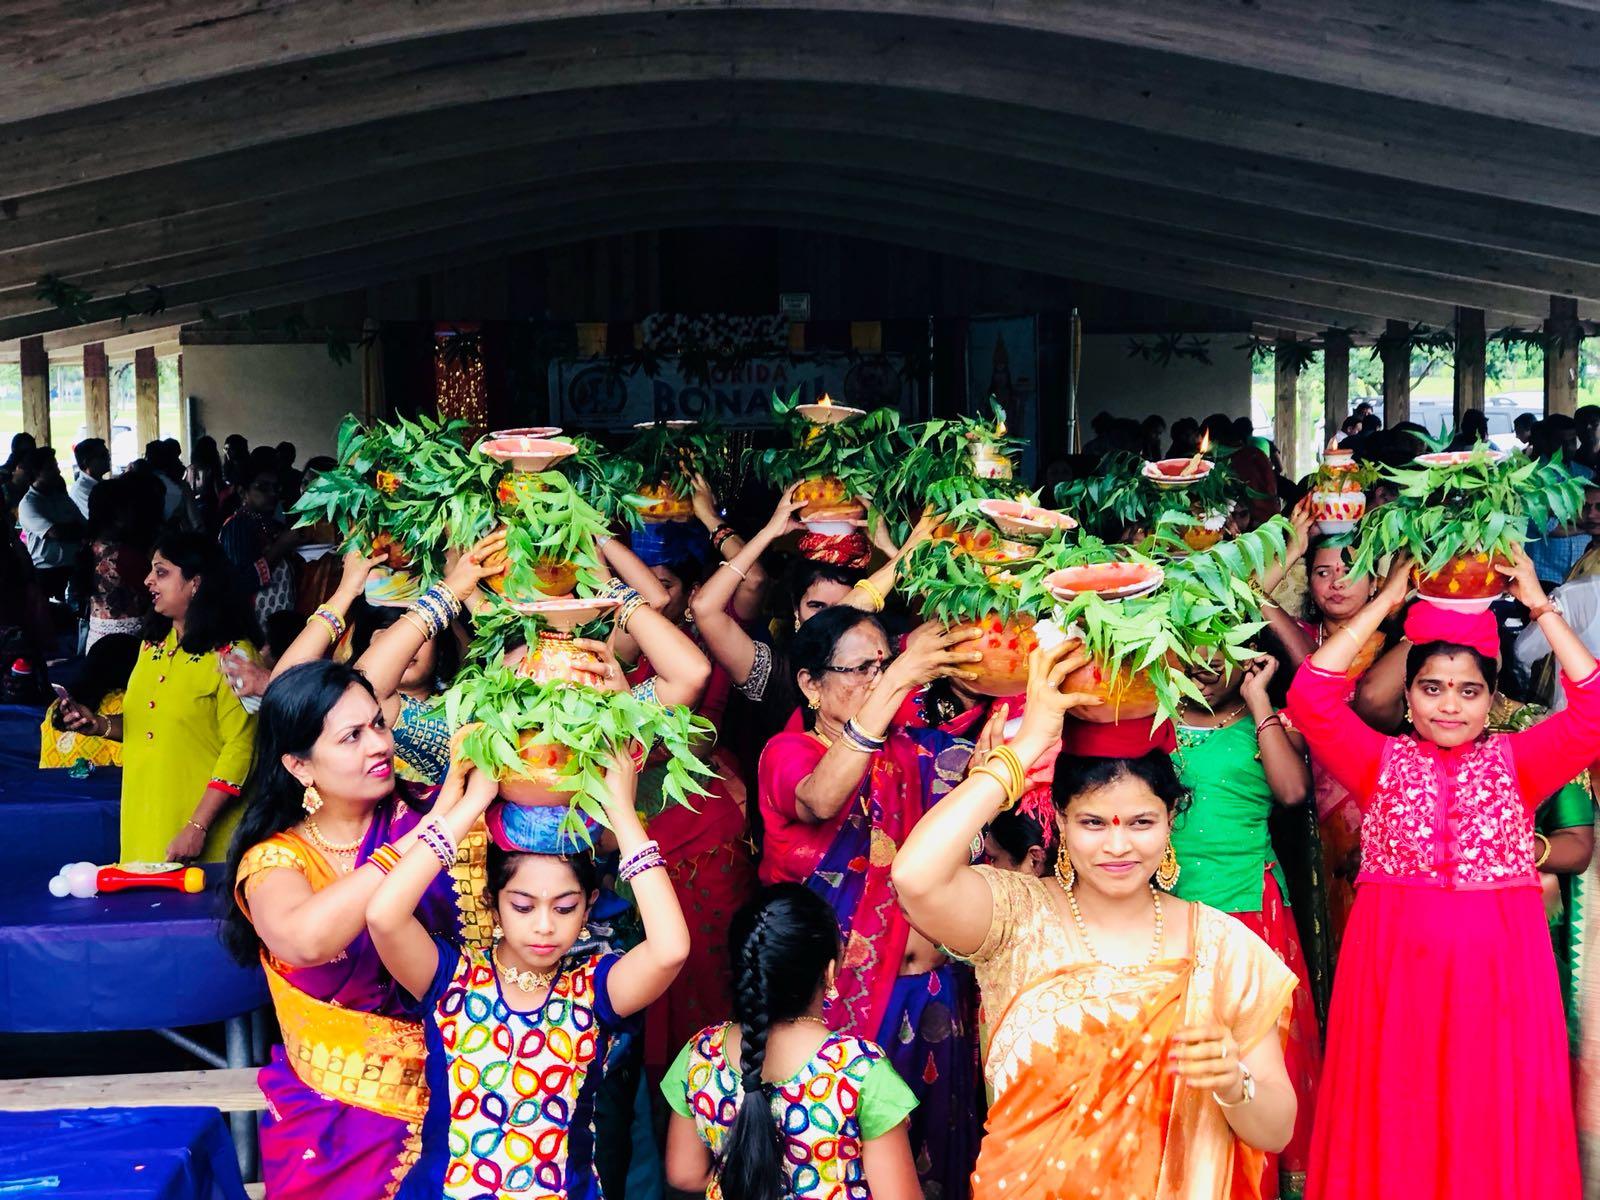 బోనాల వేడుక అనంతరం నిర్వహించిన సాంస్కృతిక కార్యక్రమాలు అందరినీ అలరించాయి